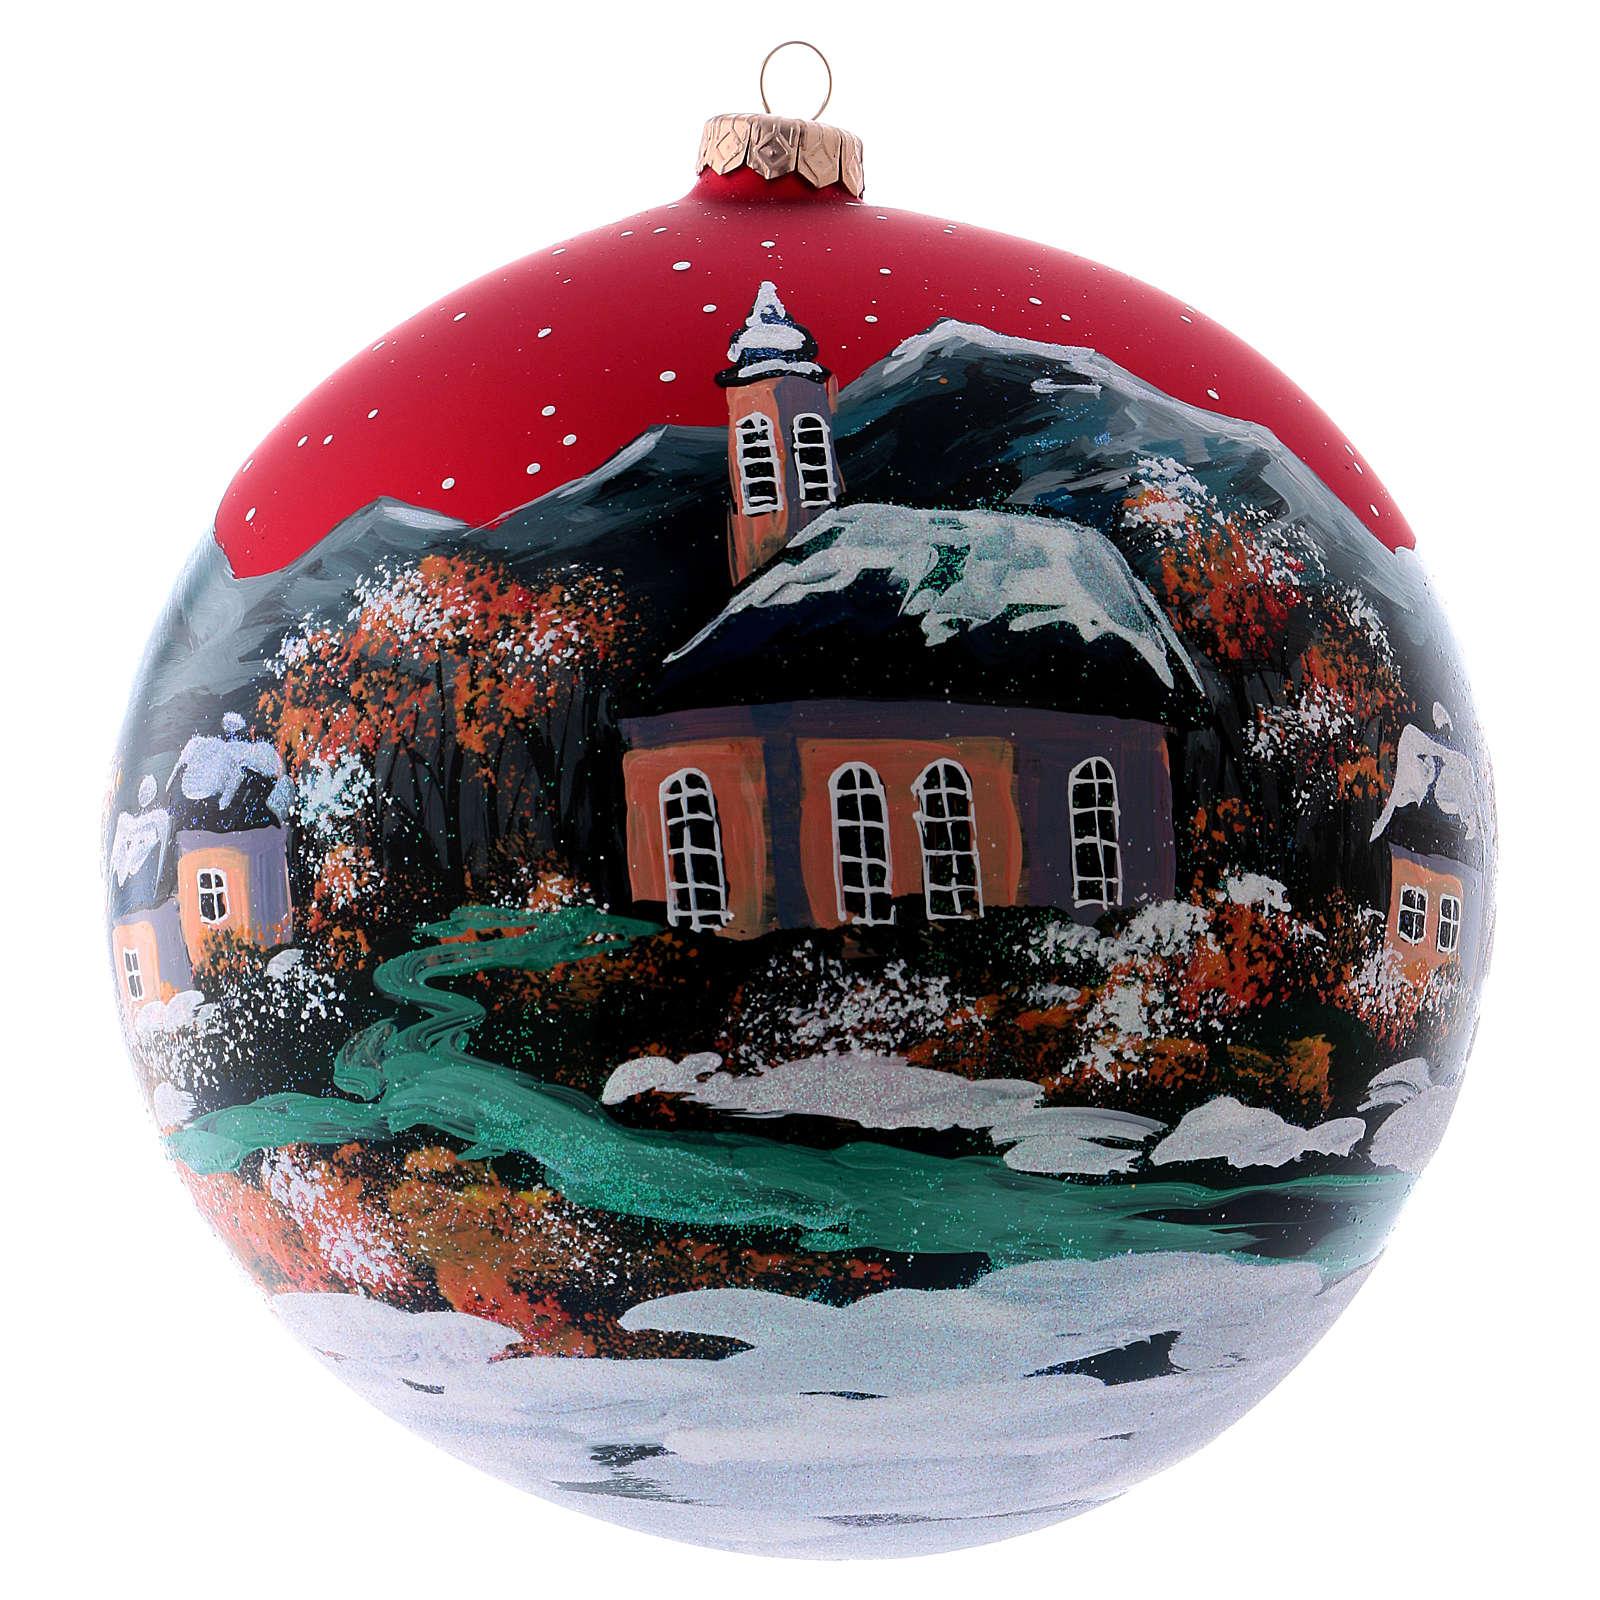 Bola de Navidad 200 mm pueblo nórdico nevado cielo rojo vidrio soplado 4